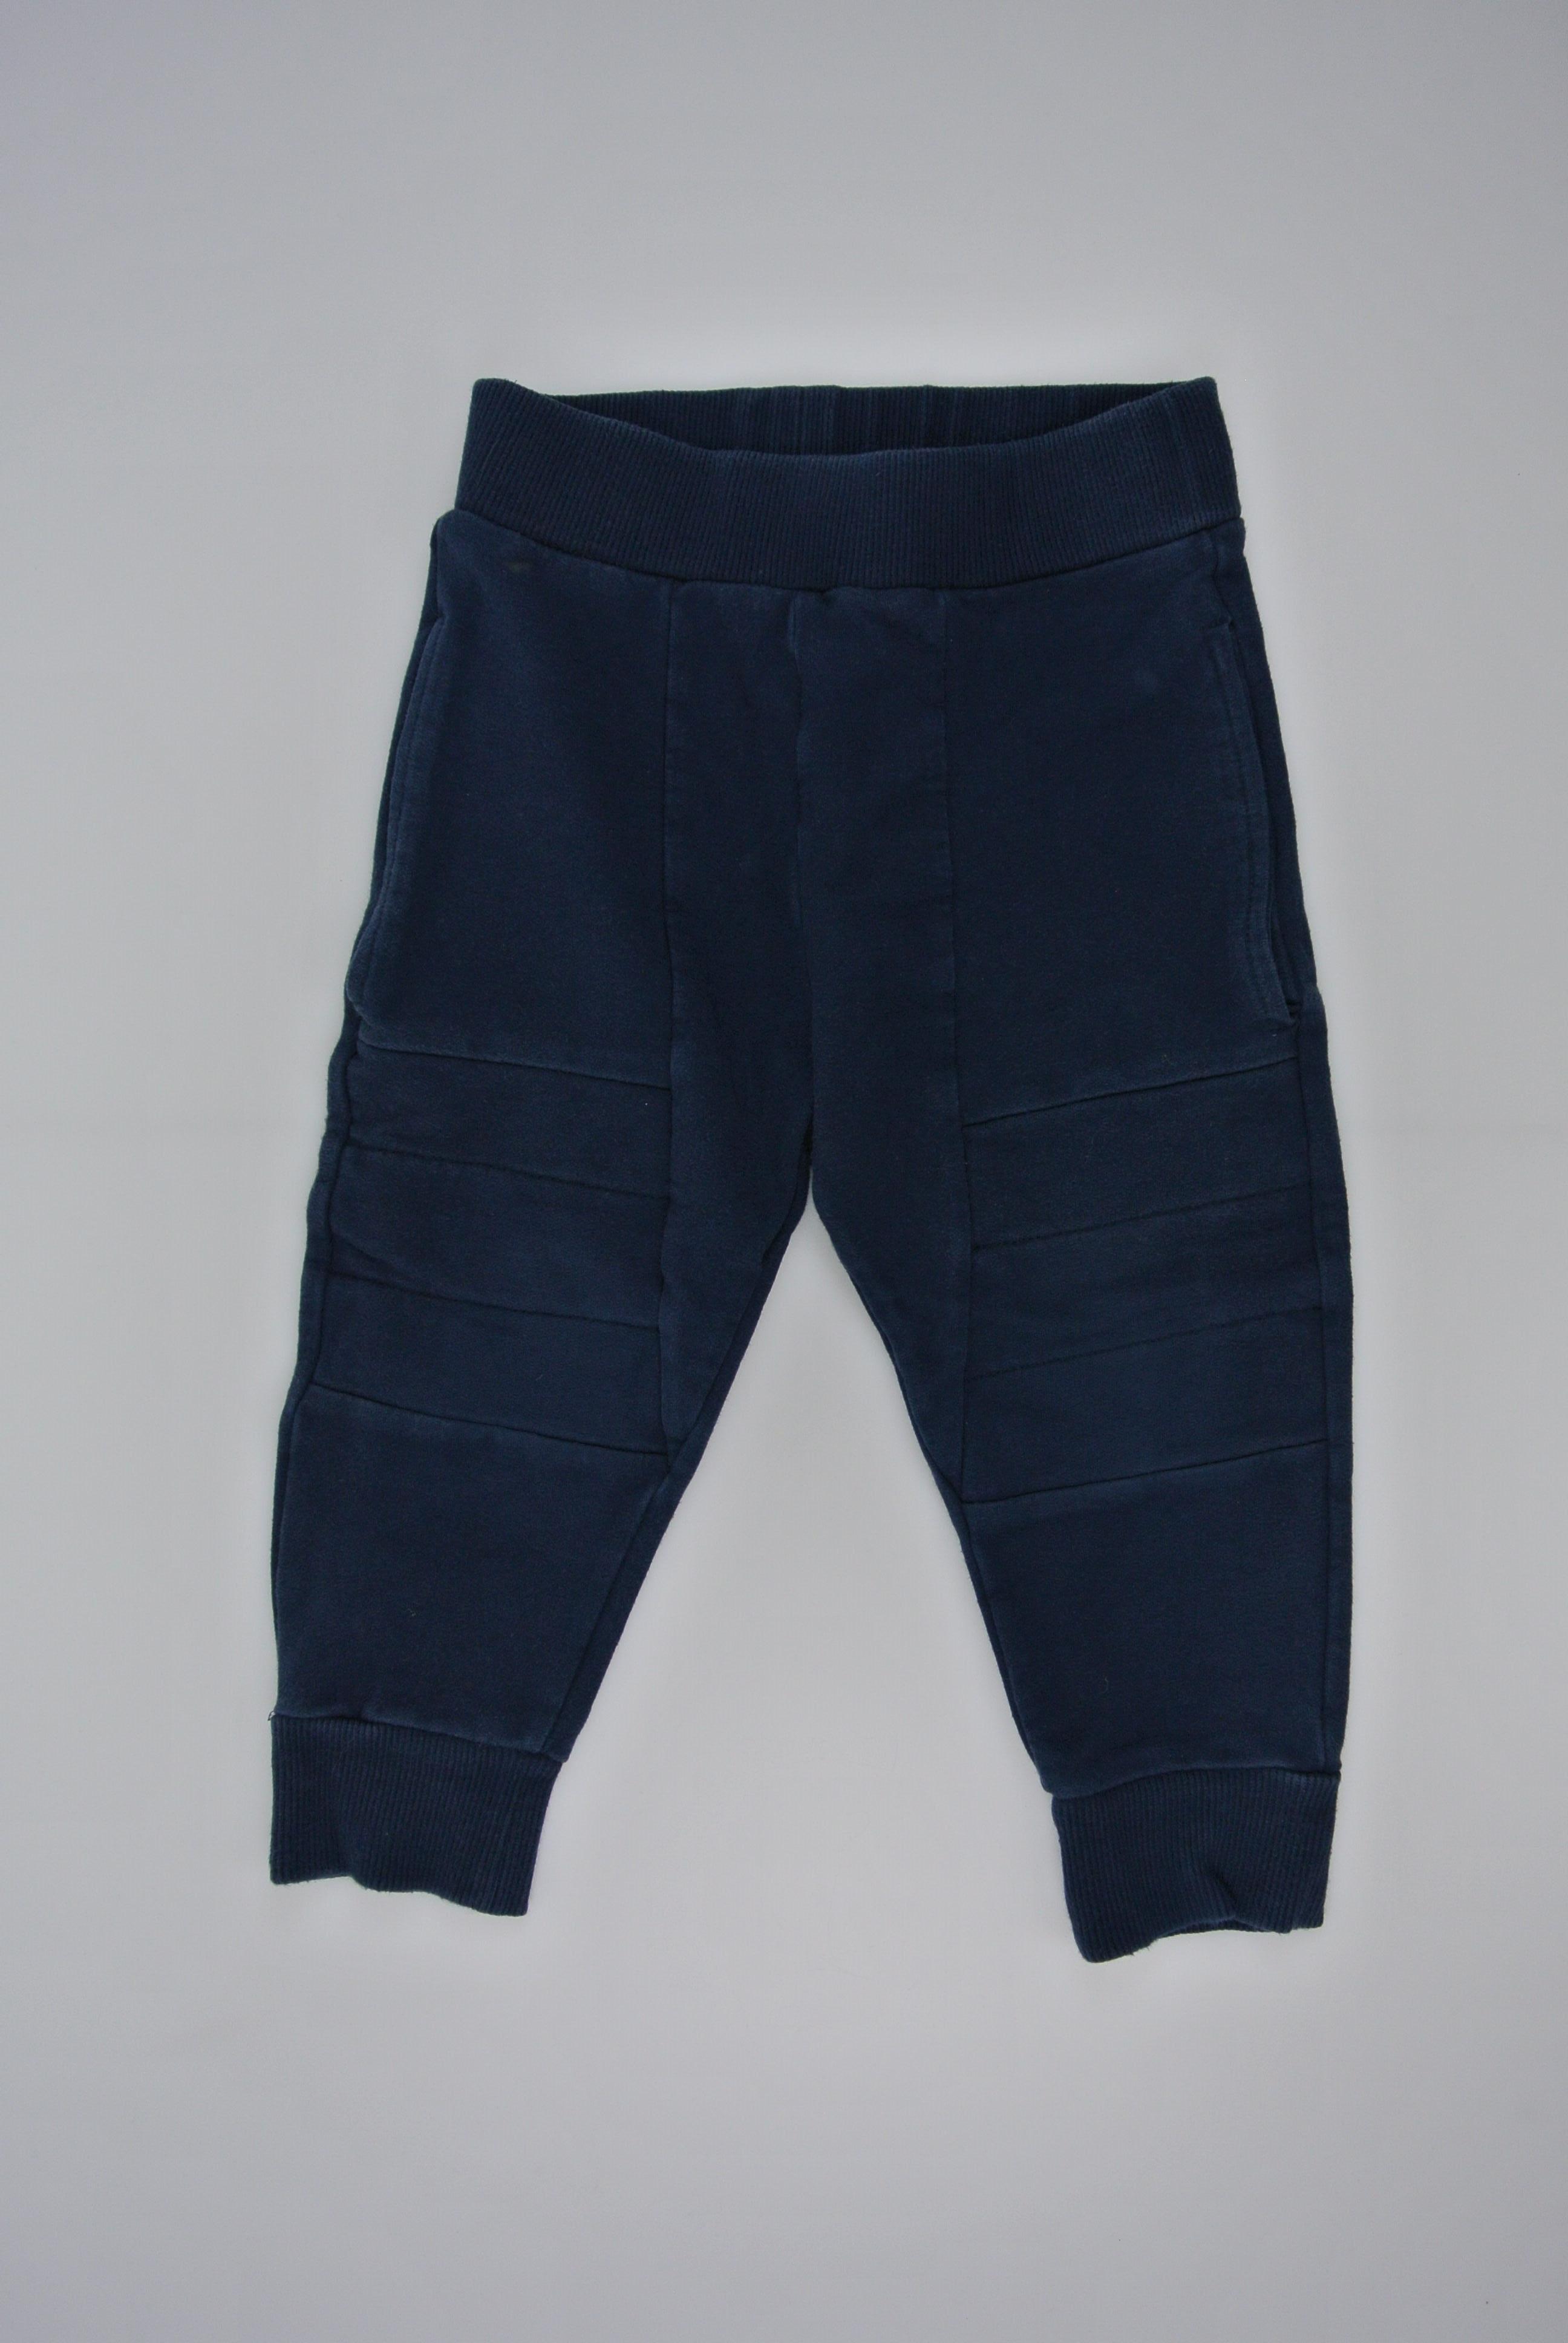 Gro bukser str 92 dreng